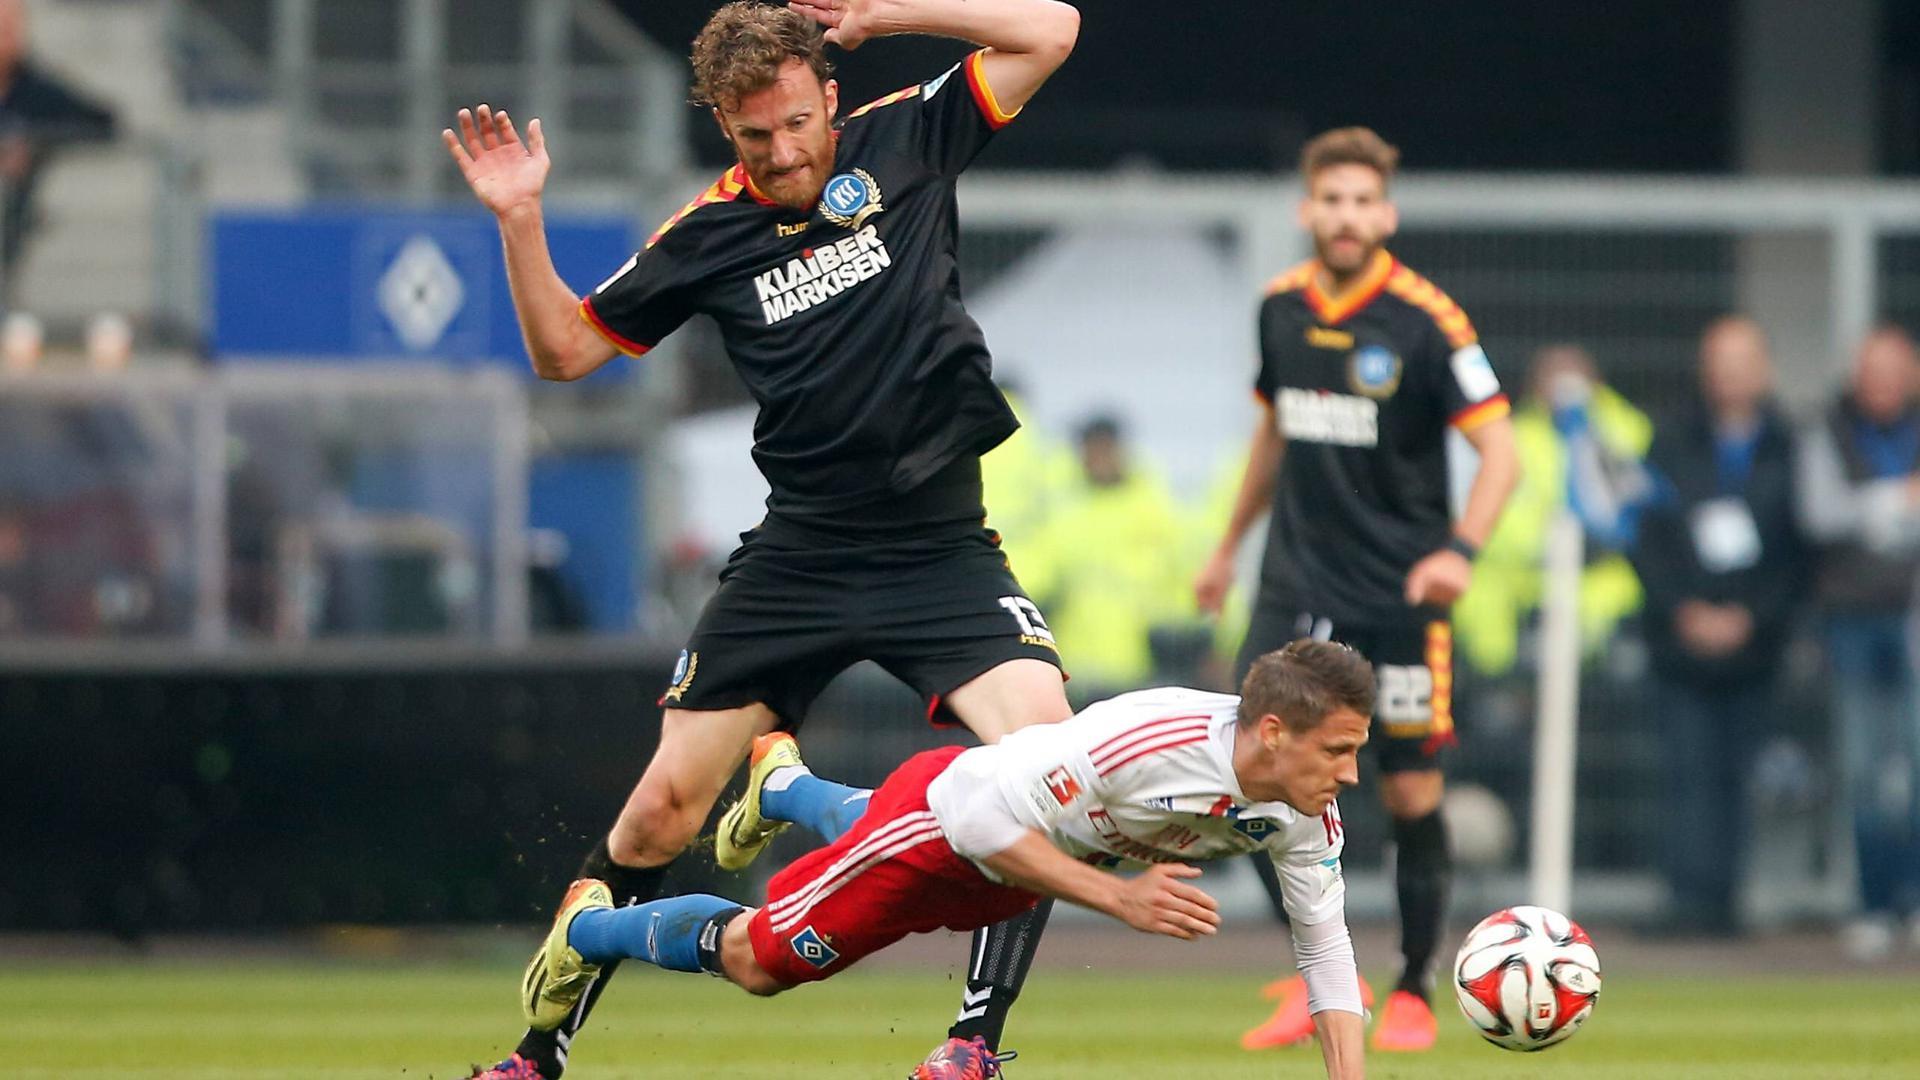 Schwerstarbeit im Hinspiel der Relegation: Der KSC-Schaffer Dominic Peitz und der tieffliegende Ivo Ilicevic, Hamburgs Schütze zum 1:1-Ausgleich.